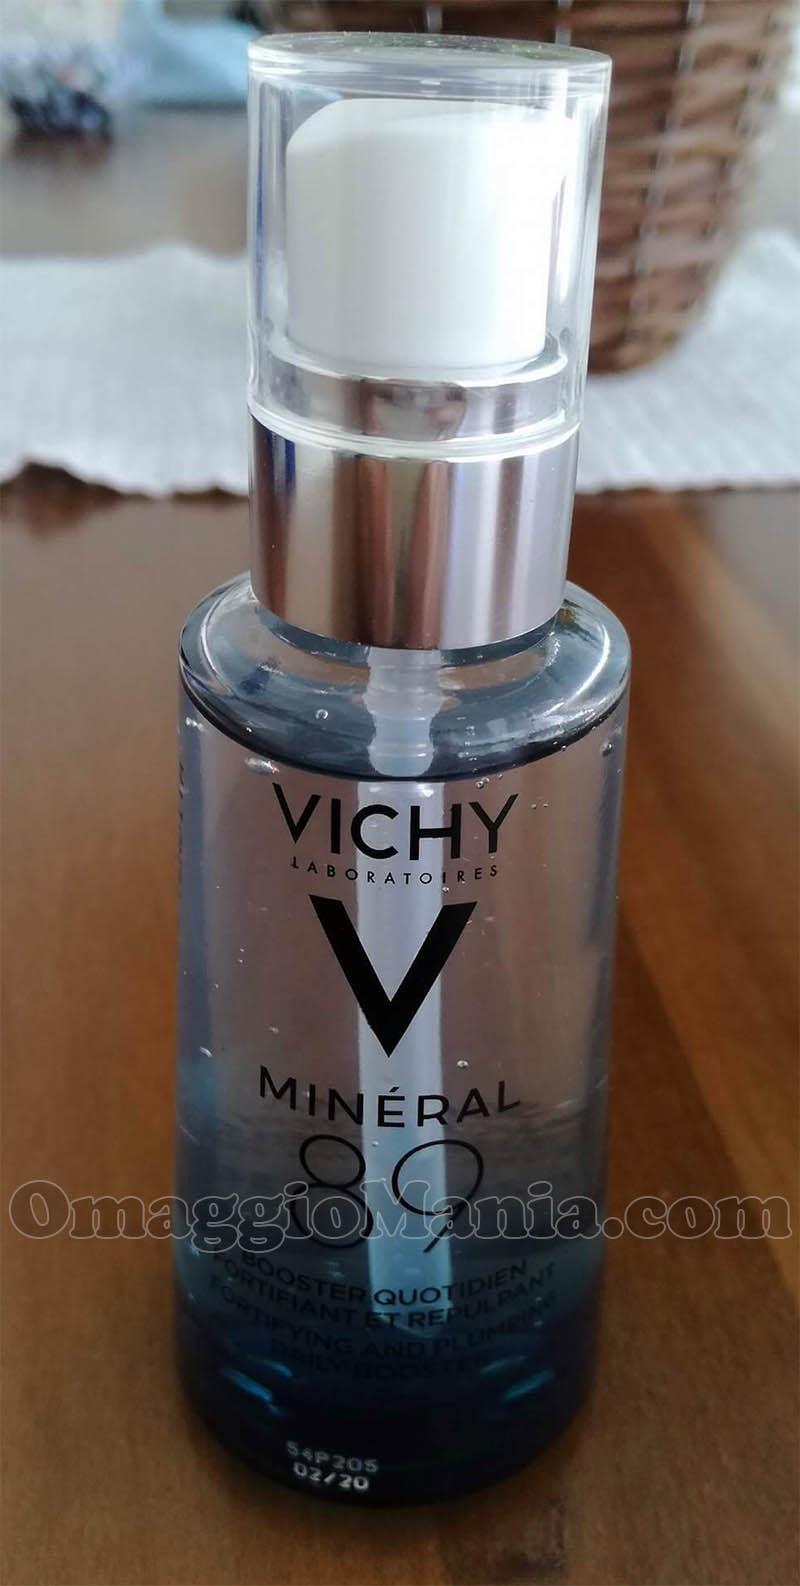 Vichy Minéral 89 di Tiziana